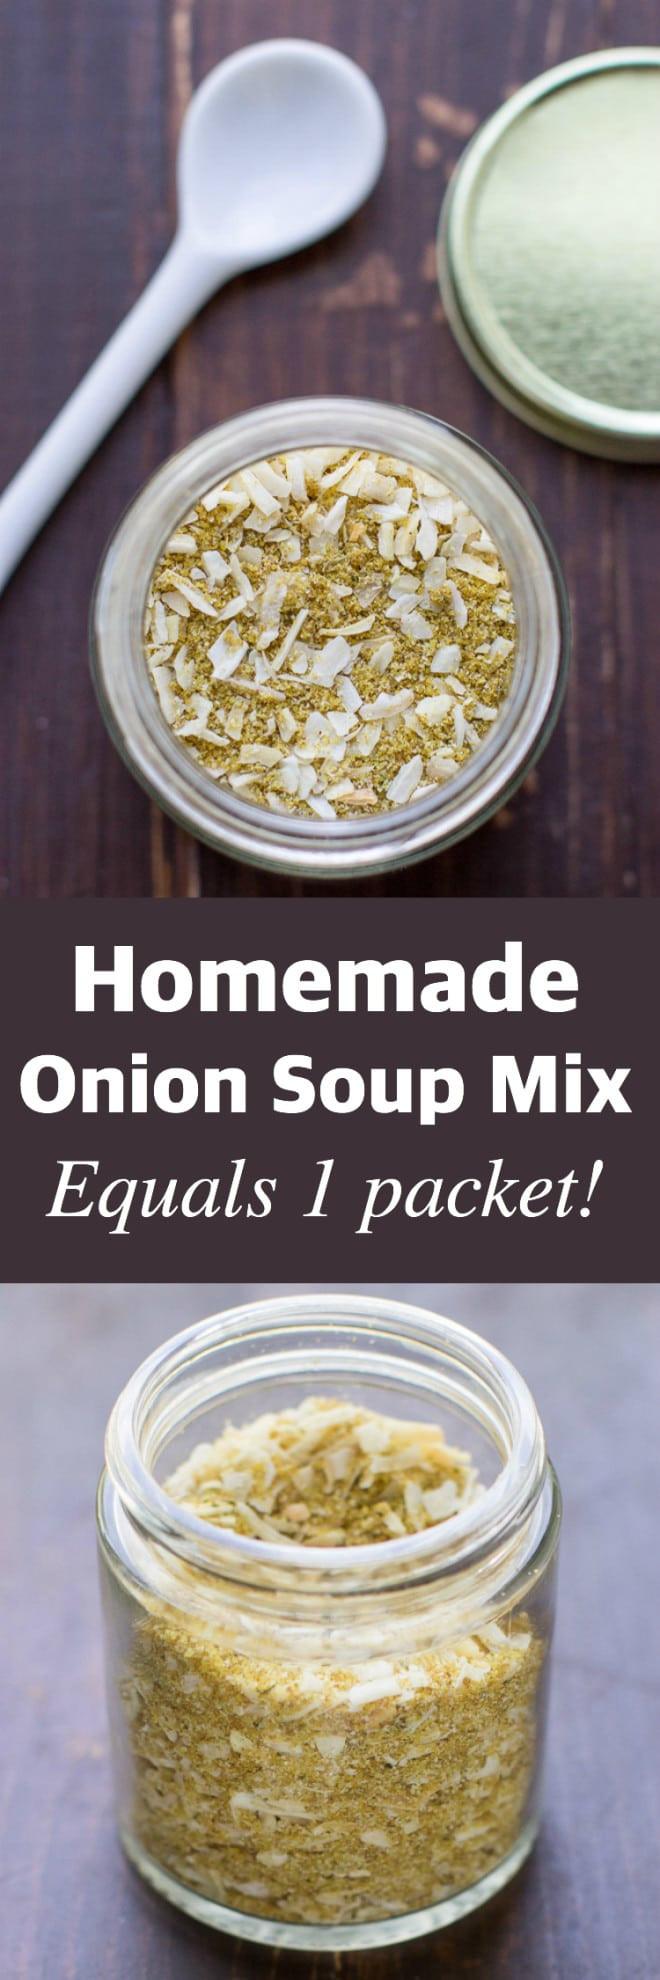 Homemade Onion Soup Mix  Homemade ion Soup Mix